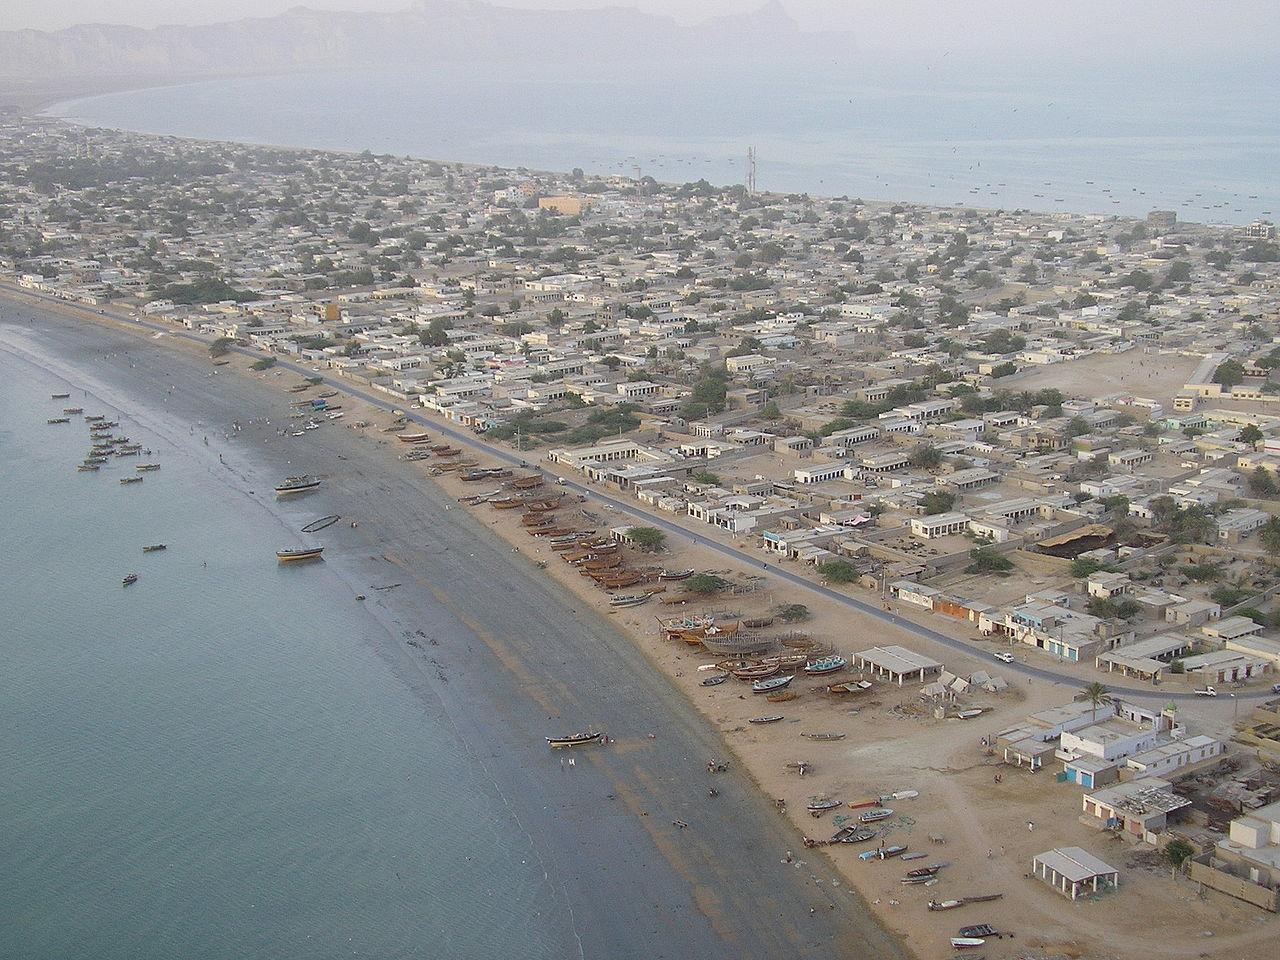 グワダルの海岸の上空からの光景